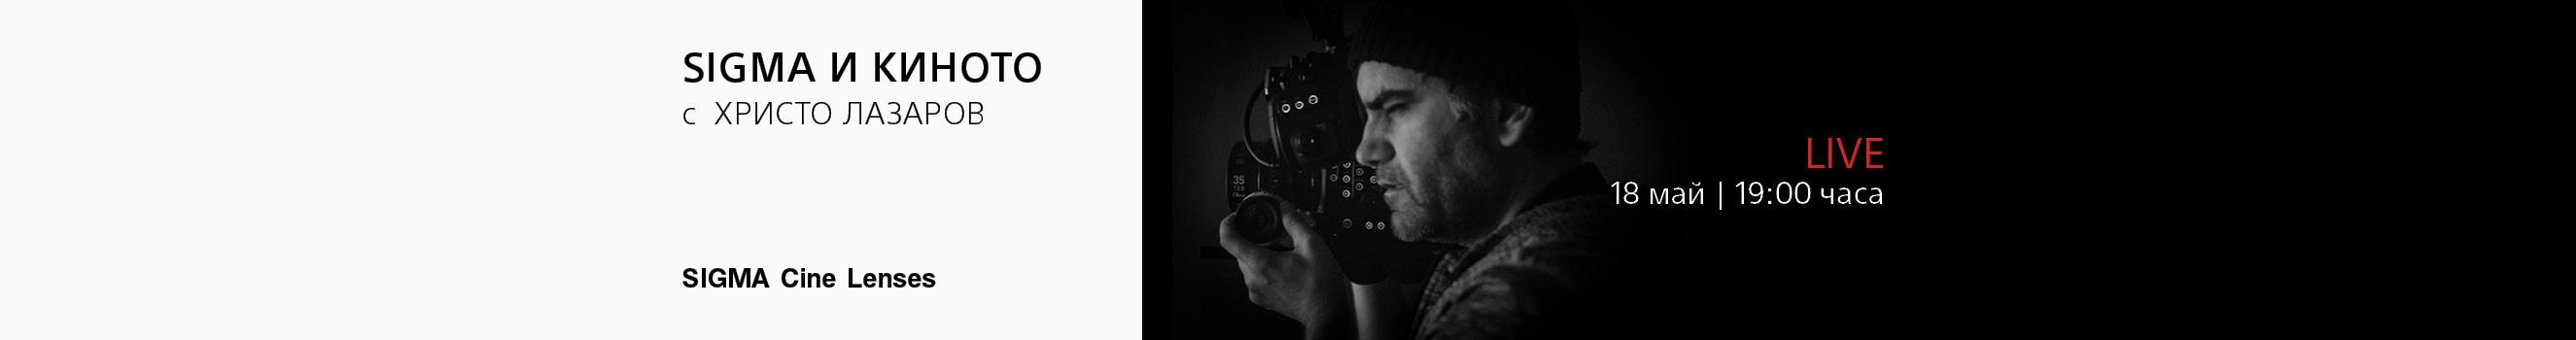 Разговор с Христо Лазаров за кино обективи Sigma Cine във ФотоСинтезис